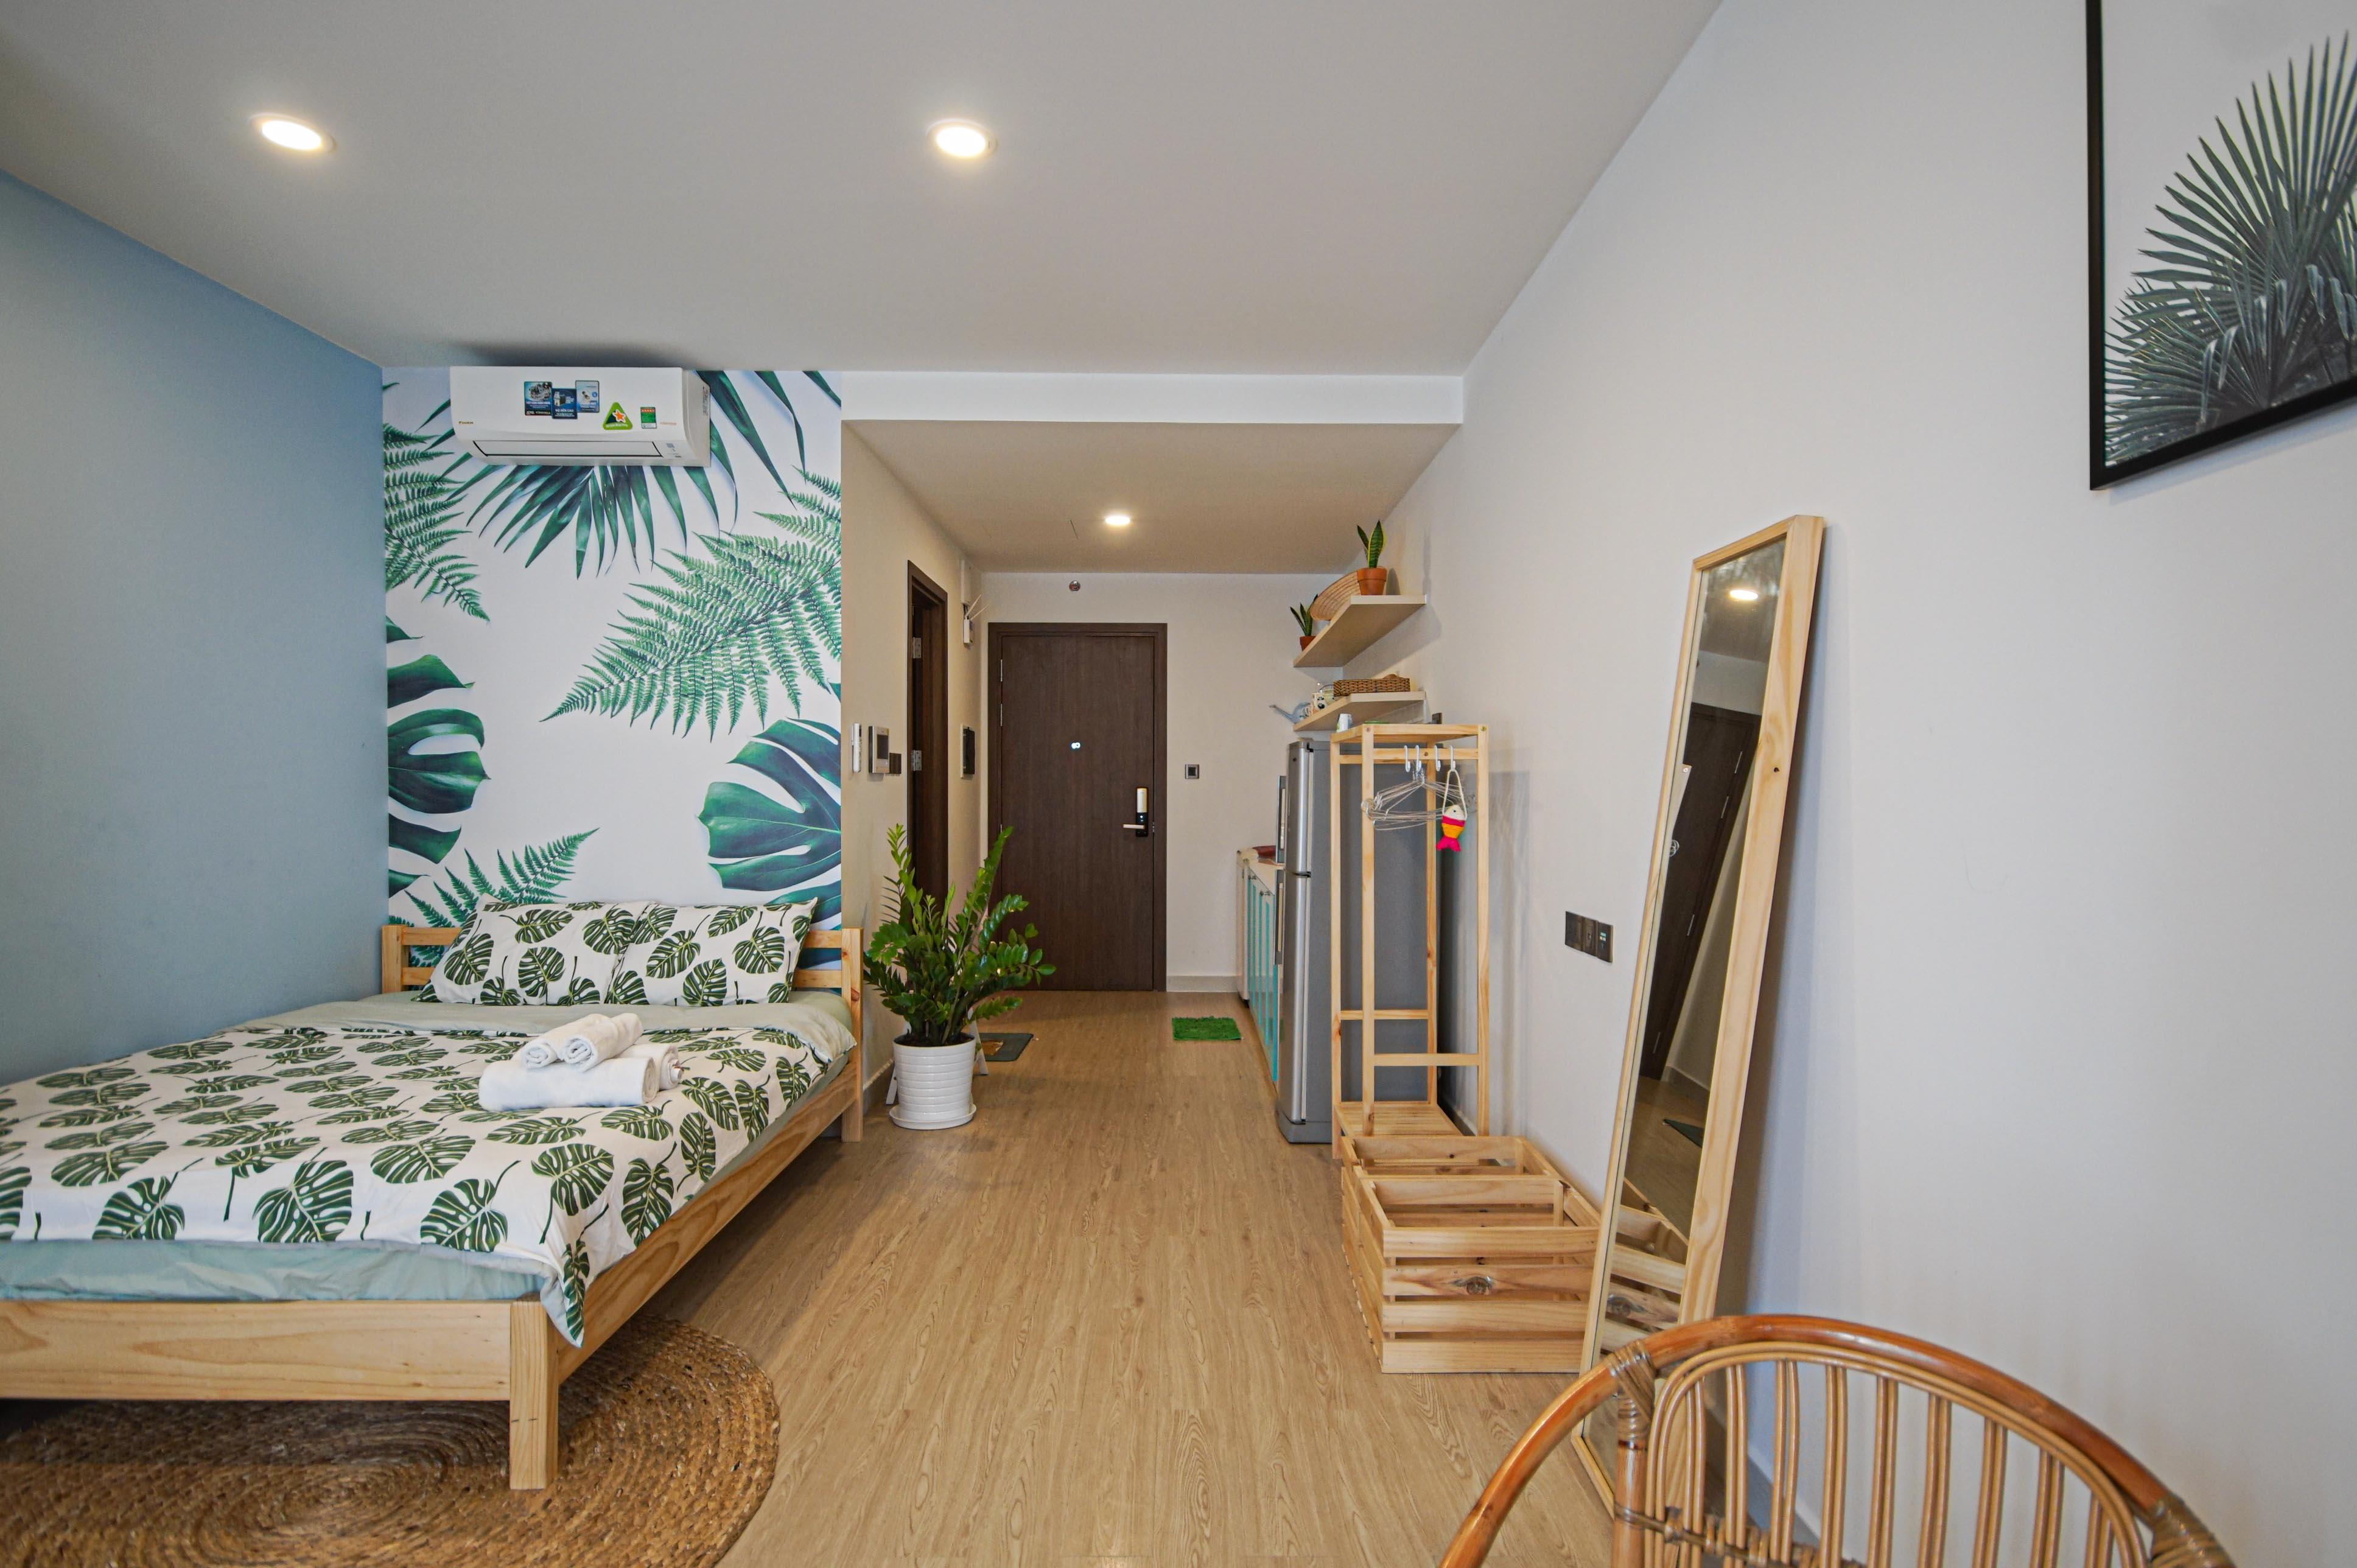 Cho Thuê Căn hộ Office-tel 1 PN Saigon Royal Residence - Đầy Đủ Nội Thất & Ấm Cúng-1